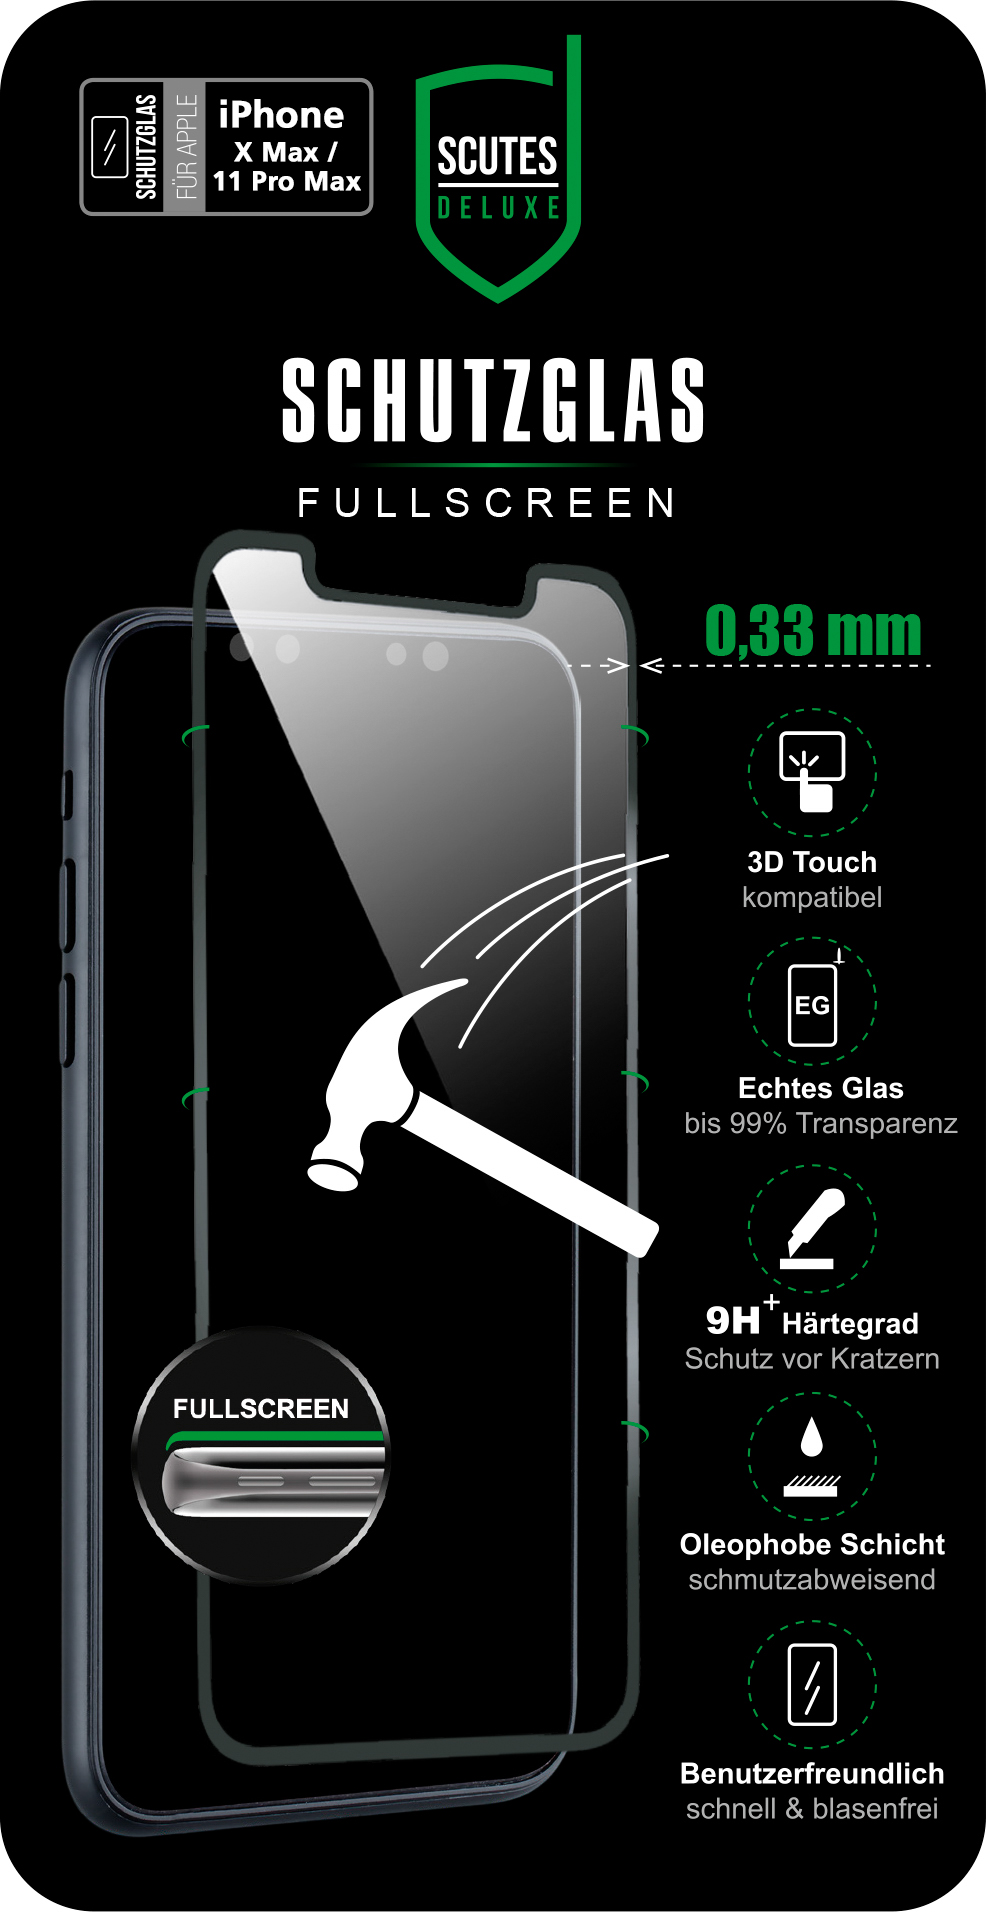 Fullscreen Schutzglas (iPhone 11 Pro Max)